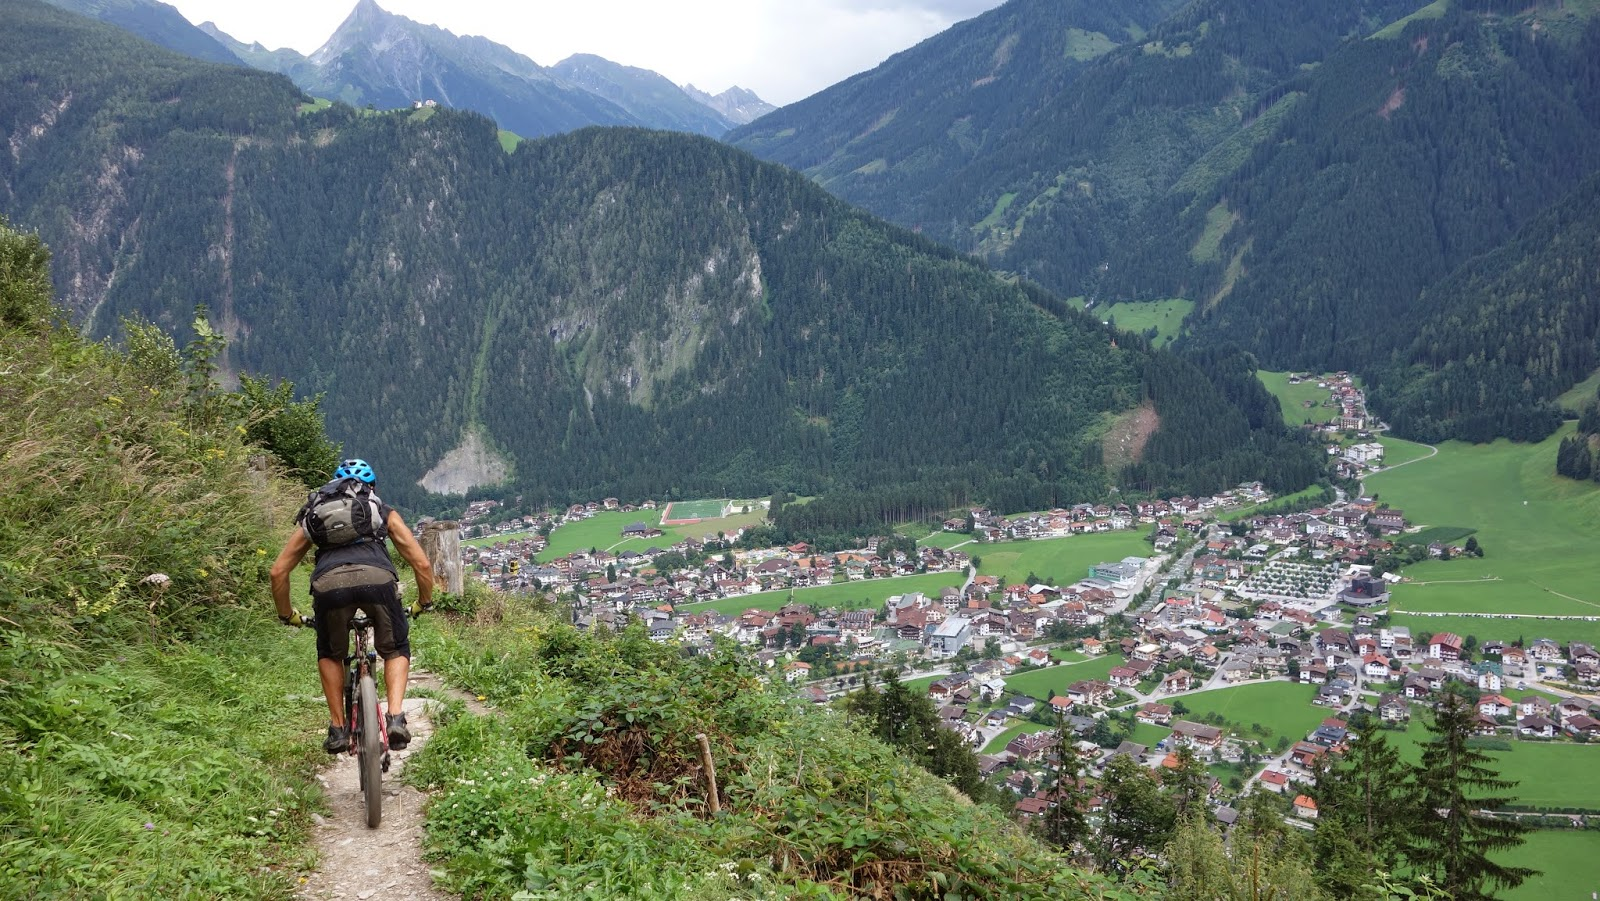 Wanderung Wanglspitz Zillertal